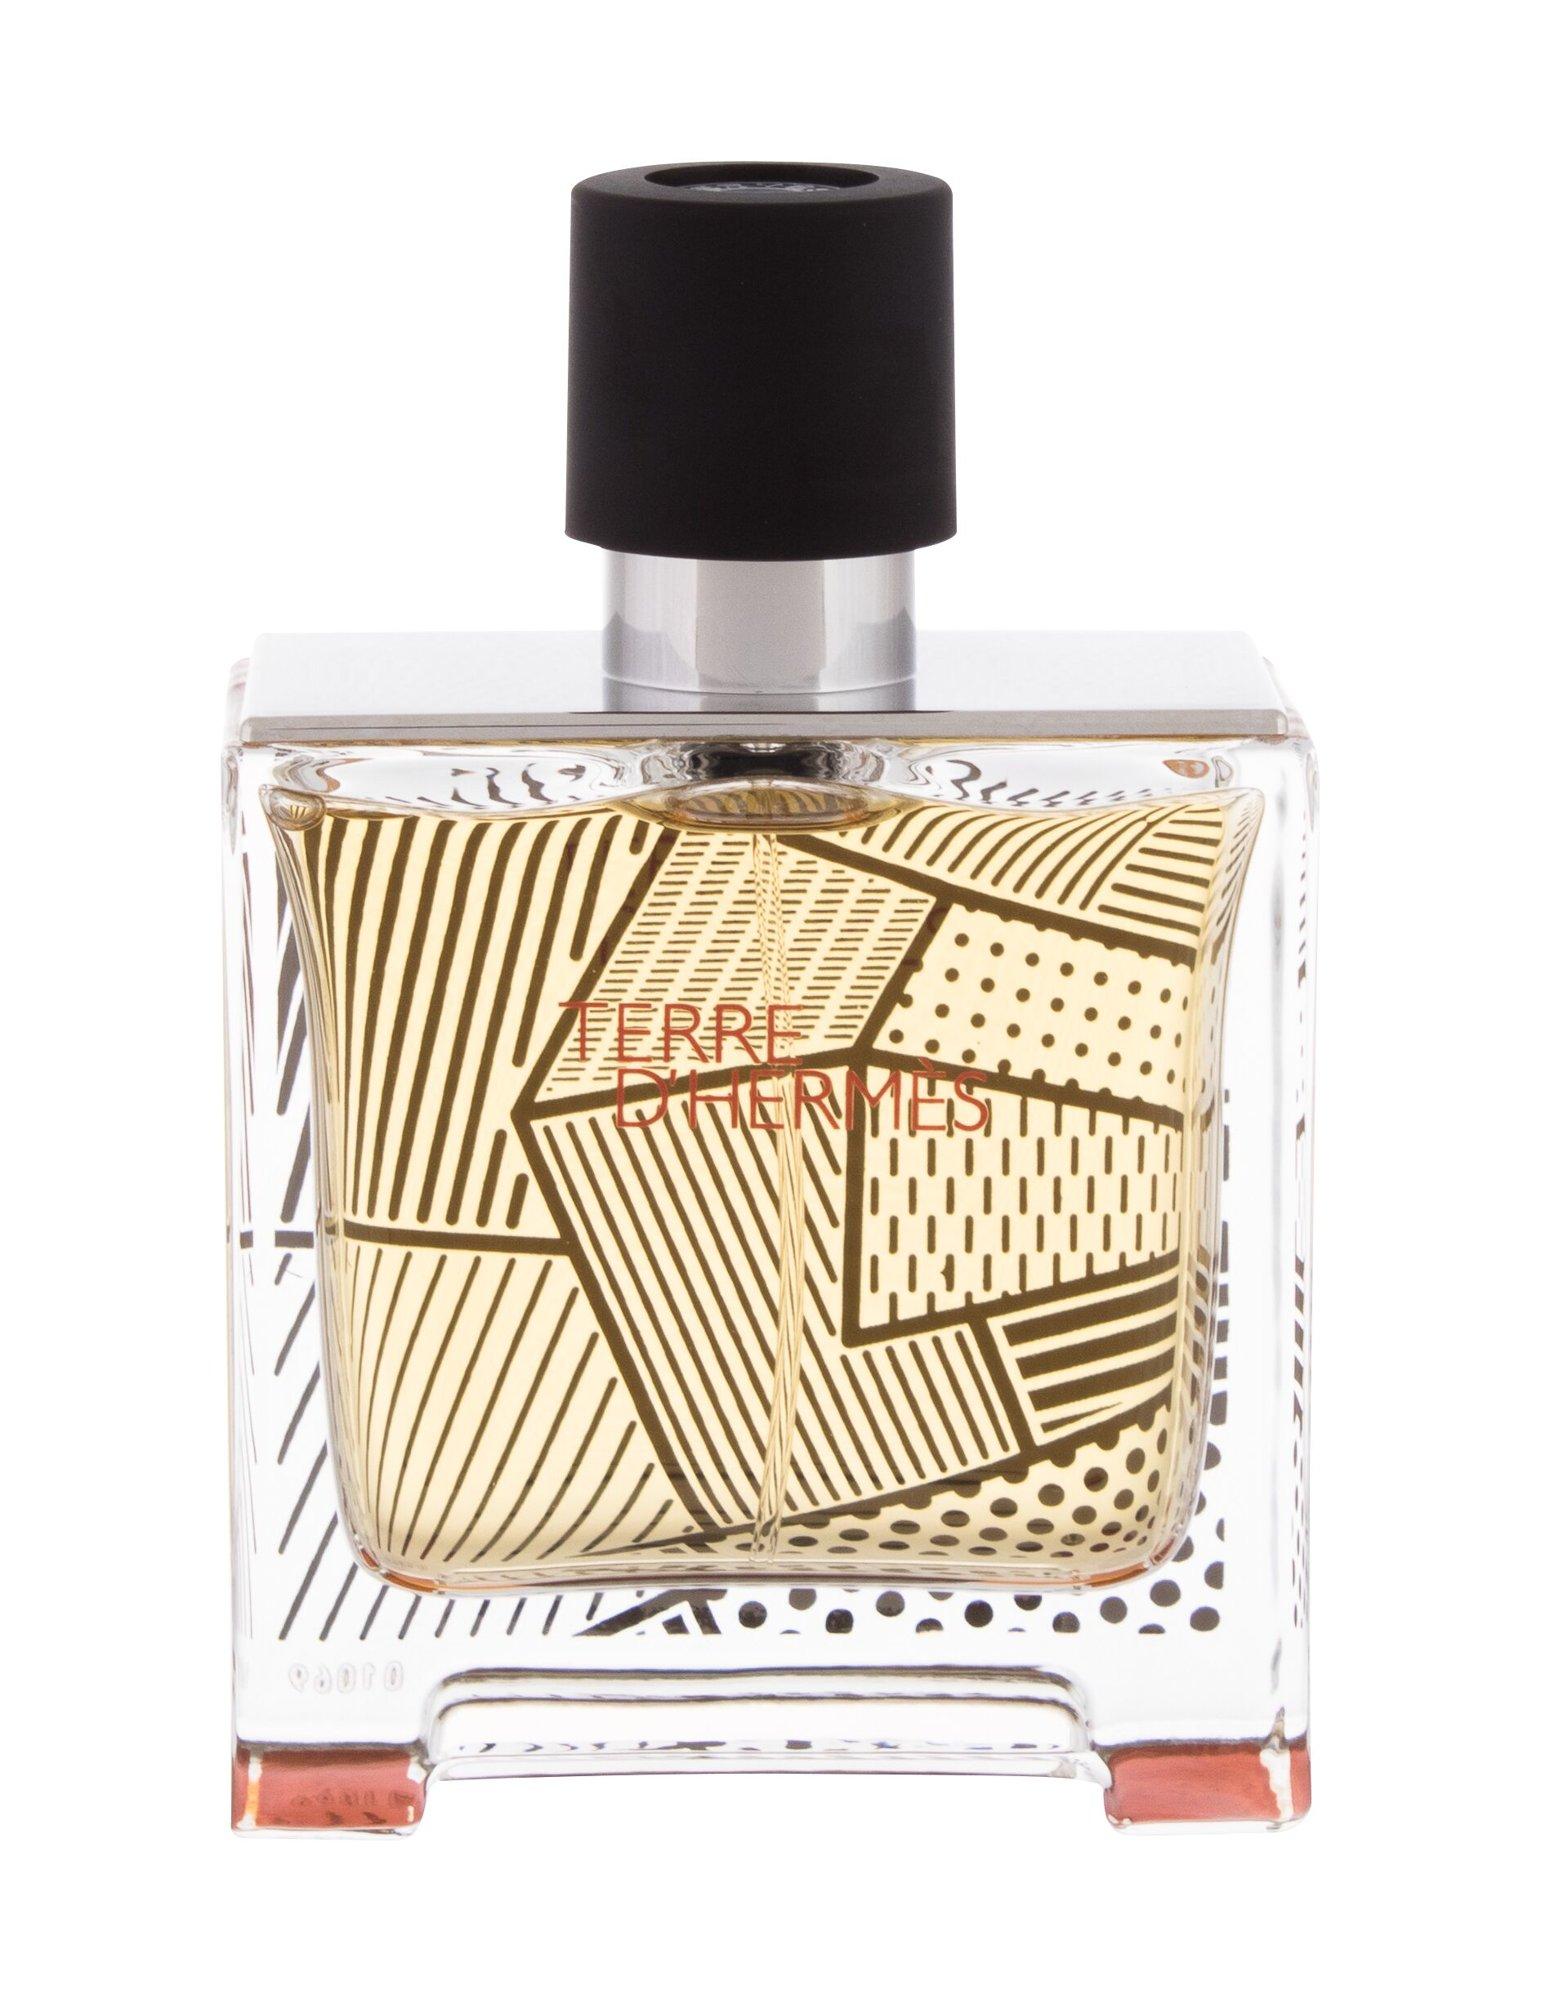 Hermes Terre d´Hermes Flacon 2020, Parfum 75ml, Tester